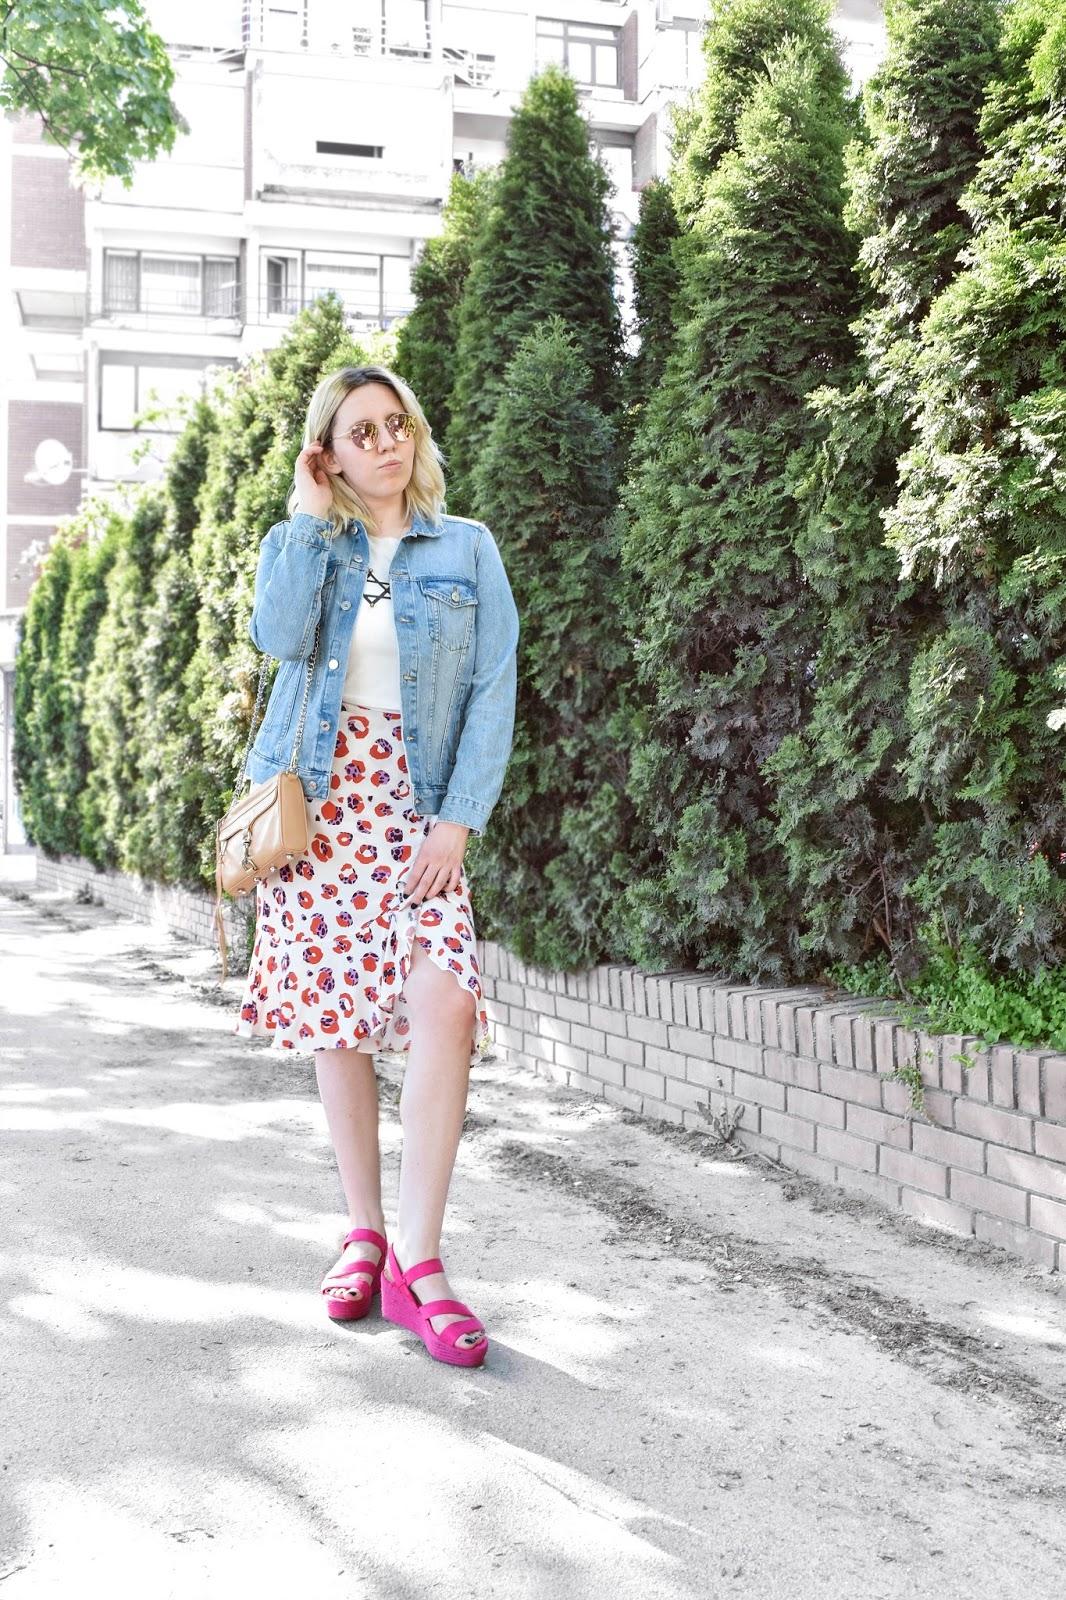 Hrvatski modni blog proljetni look